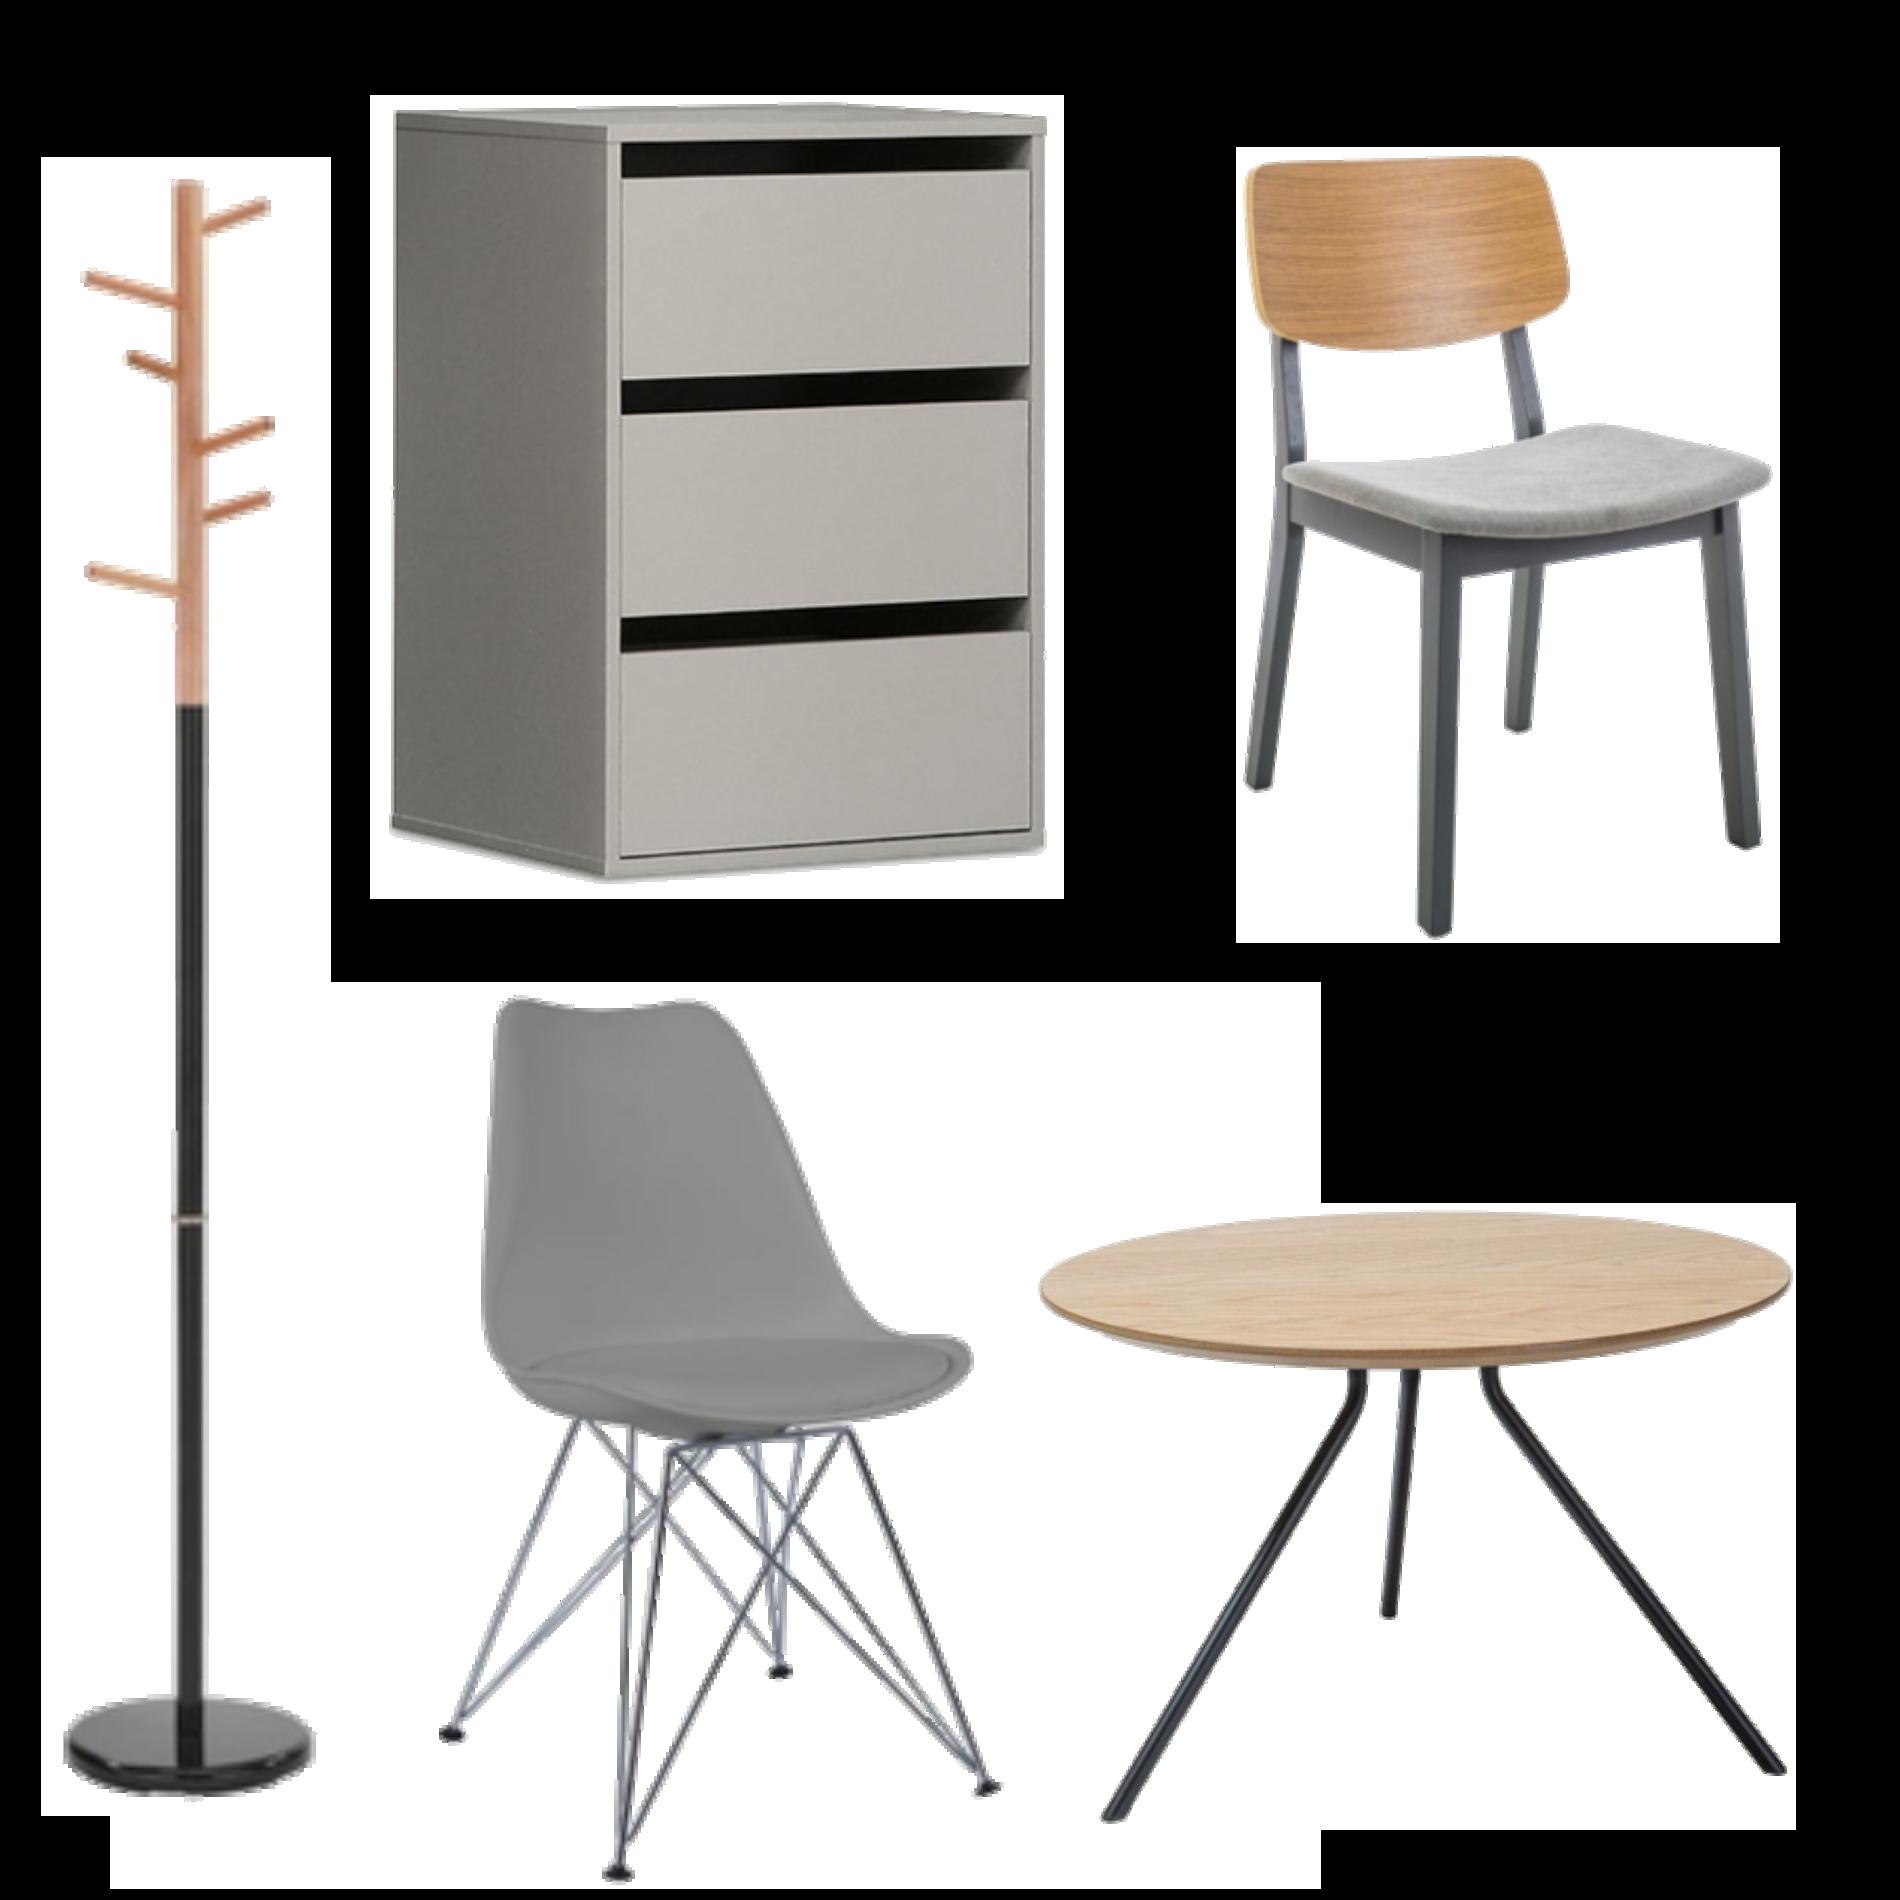 szybka metamorfoza salonu inspiracje stół wieszak krzesło komoda